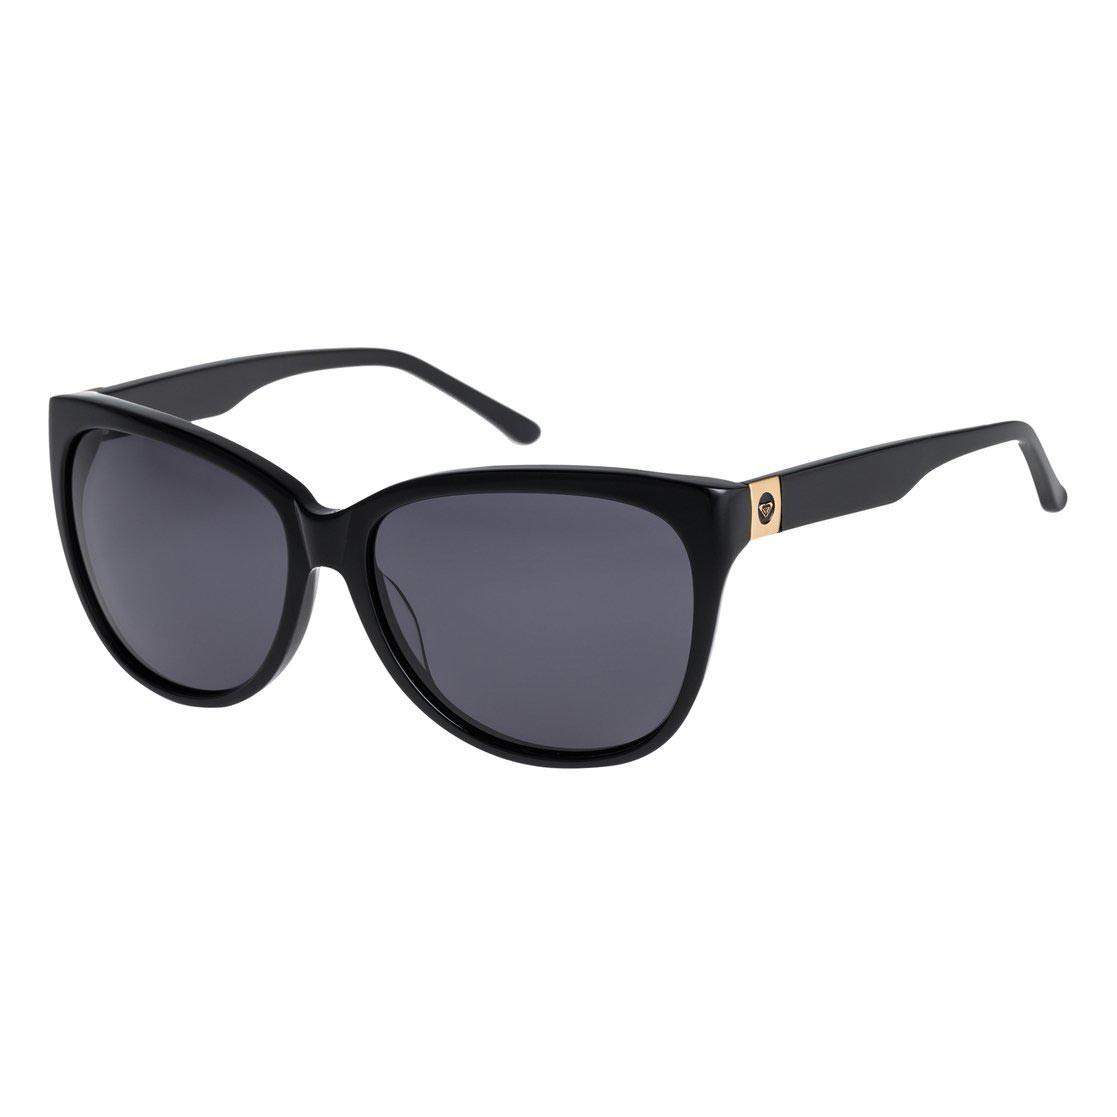 Sluneční brýle Roxy Ruby shiny black vel.BLUE 16 + doručení do 24 hodin